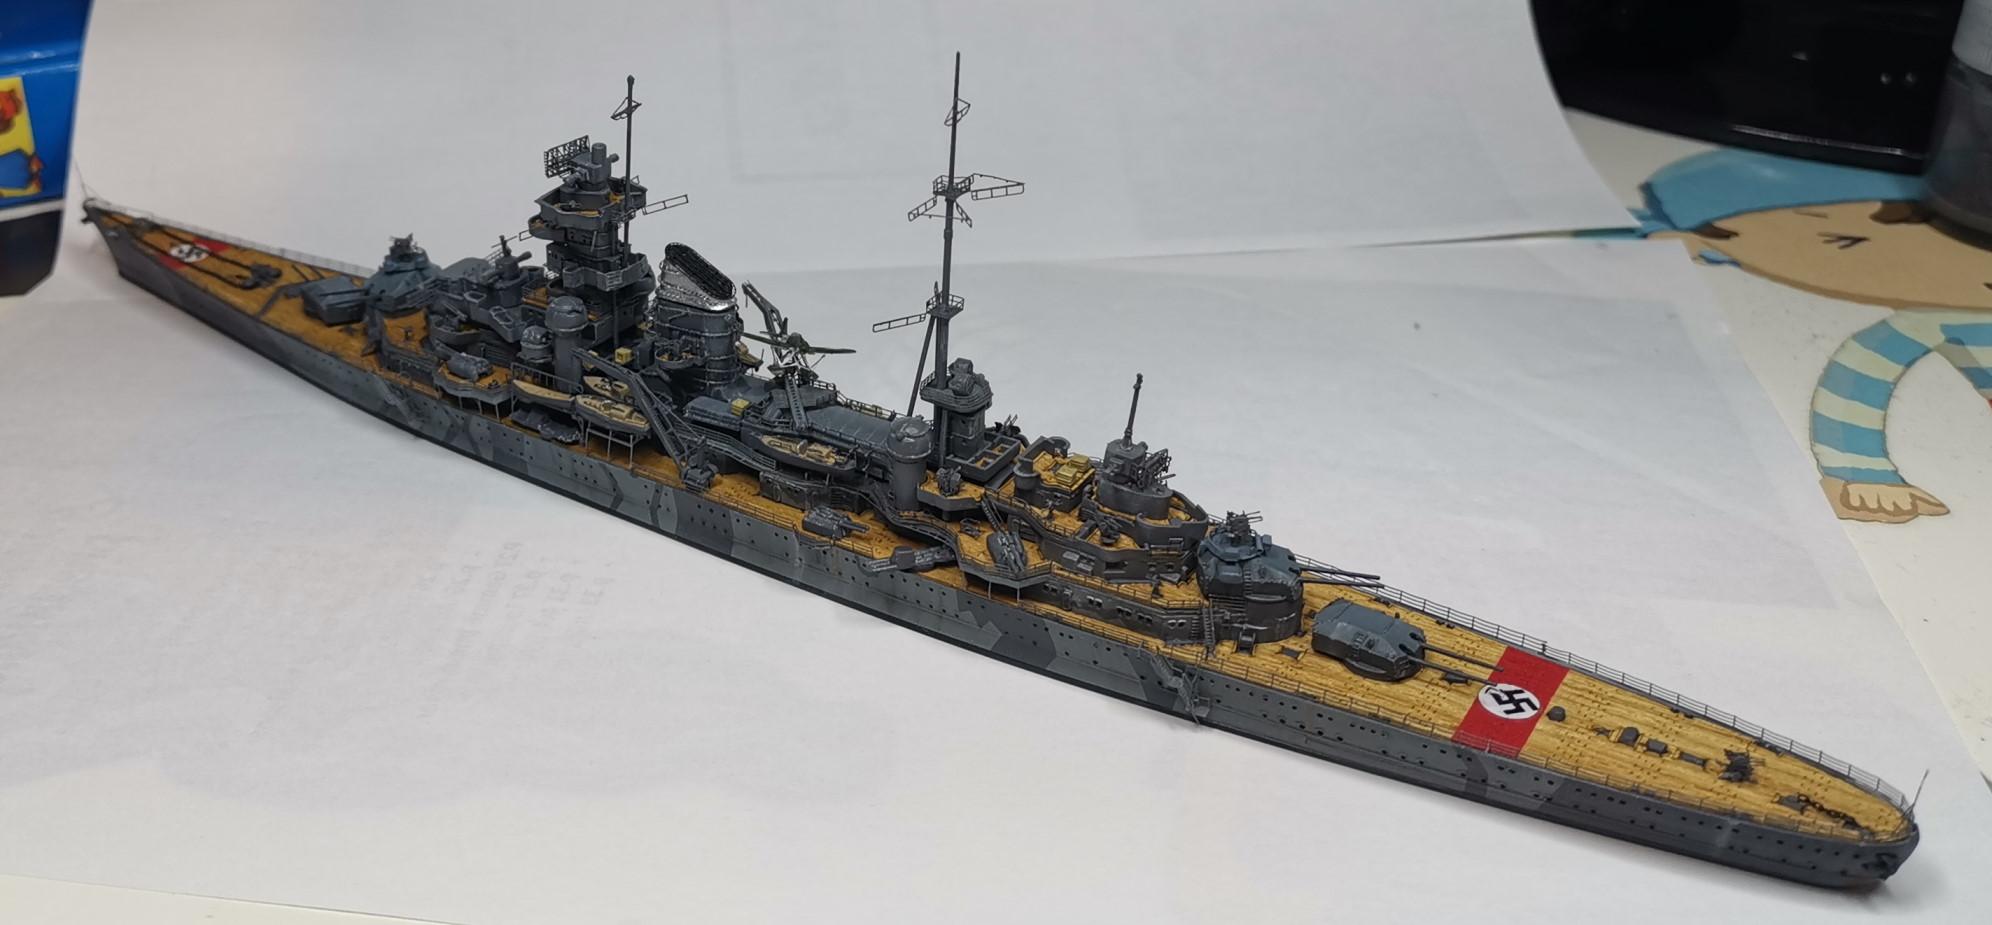 [TERMINE] Croiseur Prinz Eugen Trumpeter 1/700e, PE Flyhawk, pont en bois - Page 7 20200619